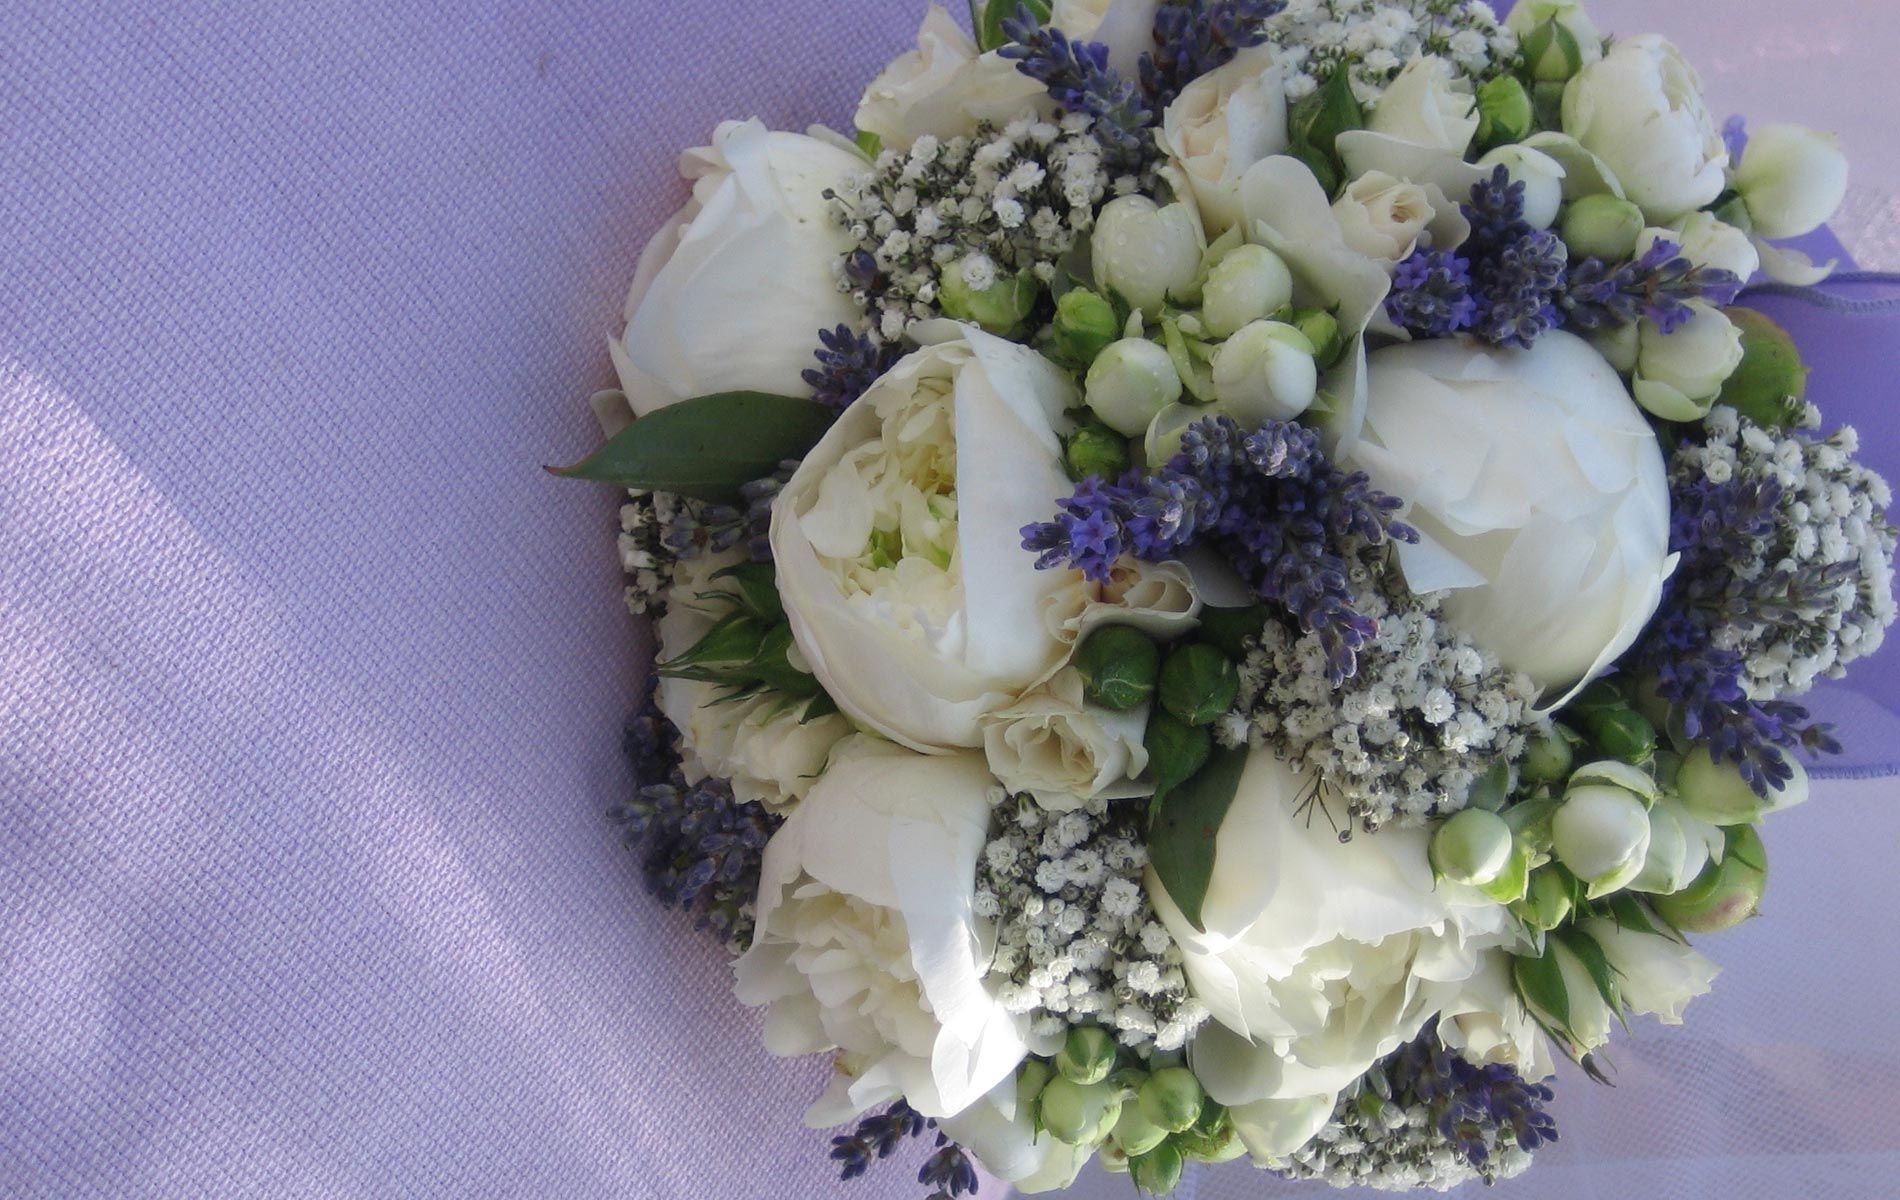 ღ Immagini di bouquet per le nozze, stile acqua e sapone ღ